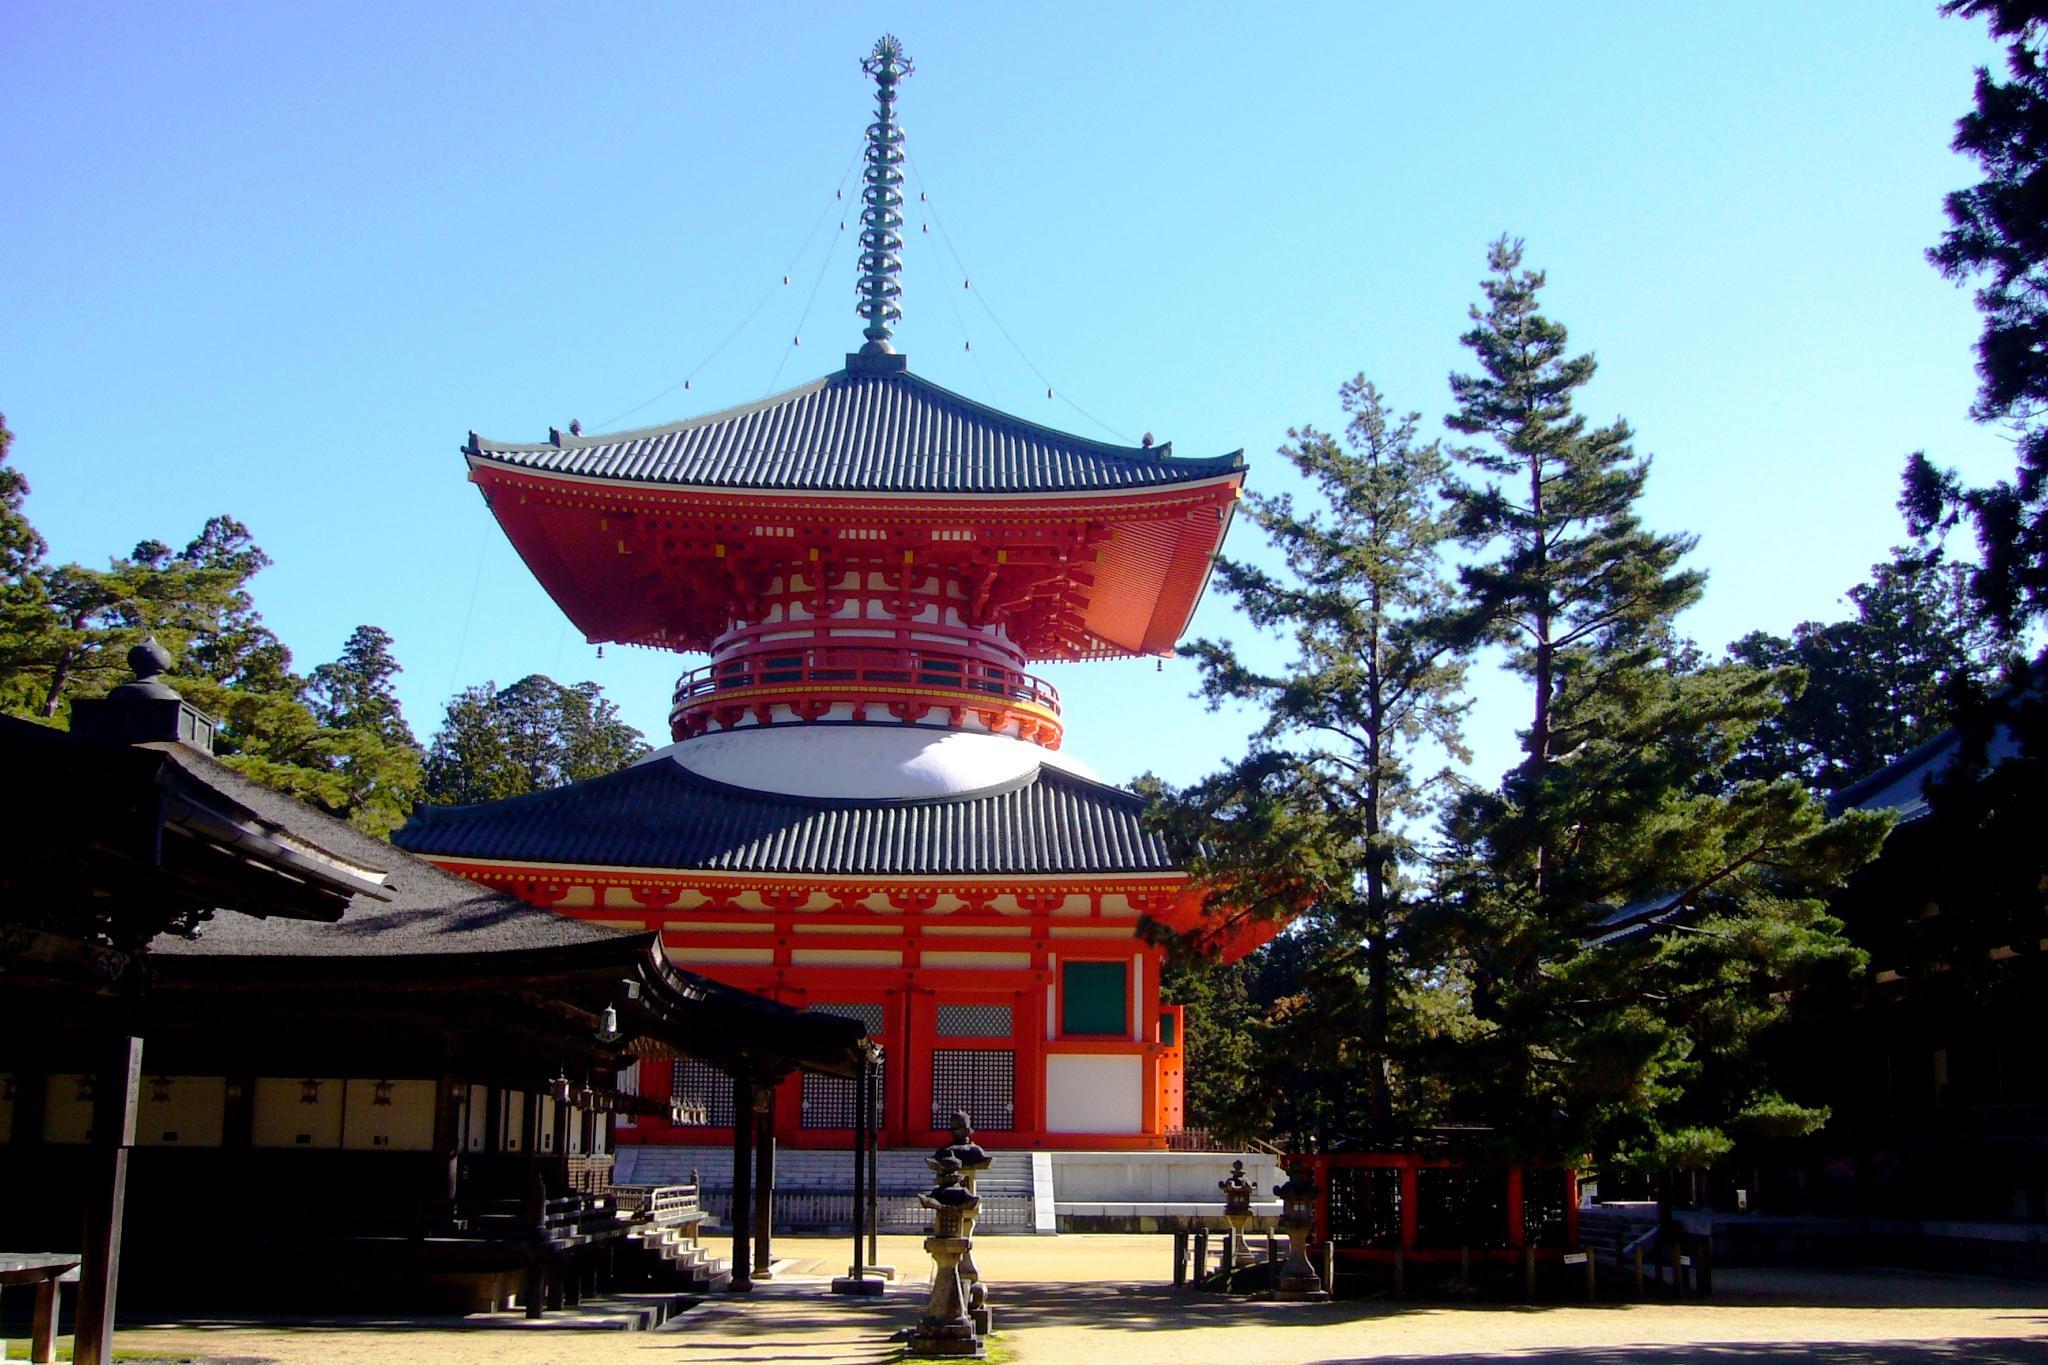 和歌山県伊都郡高野町にある金剛峯寺の根本大塔